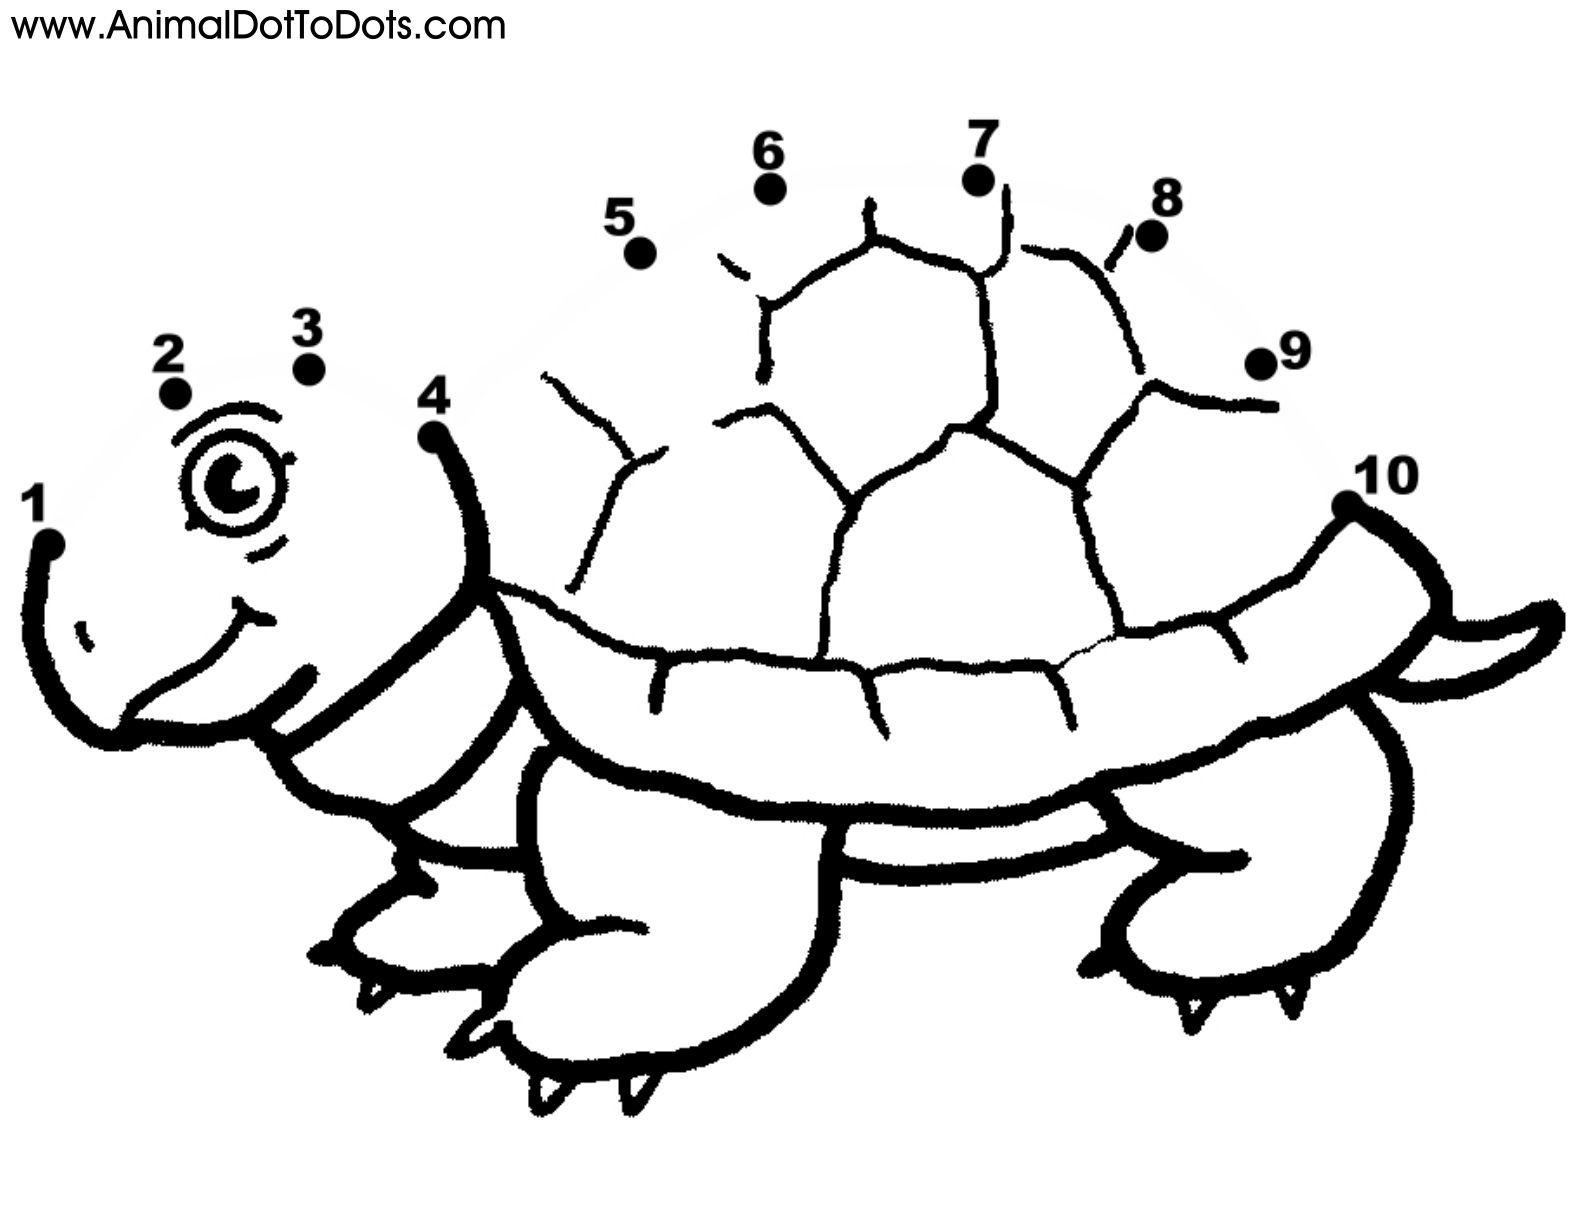 Free Printable Animal Dot To Dot Turtle